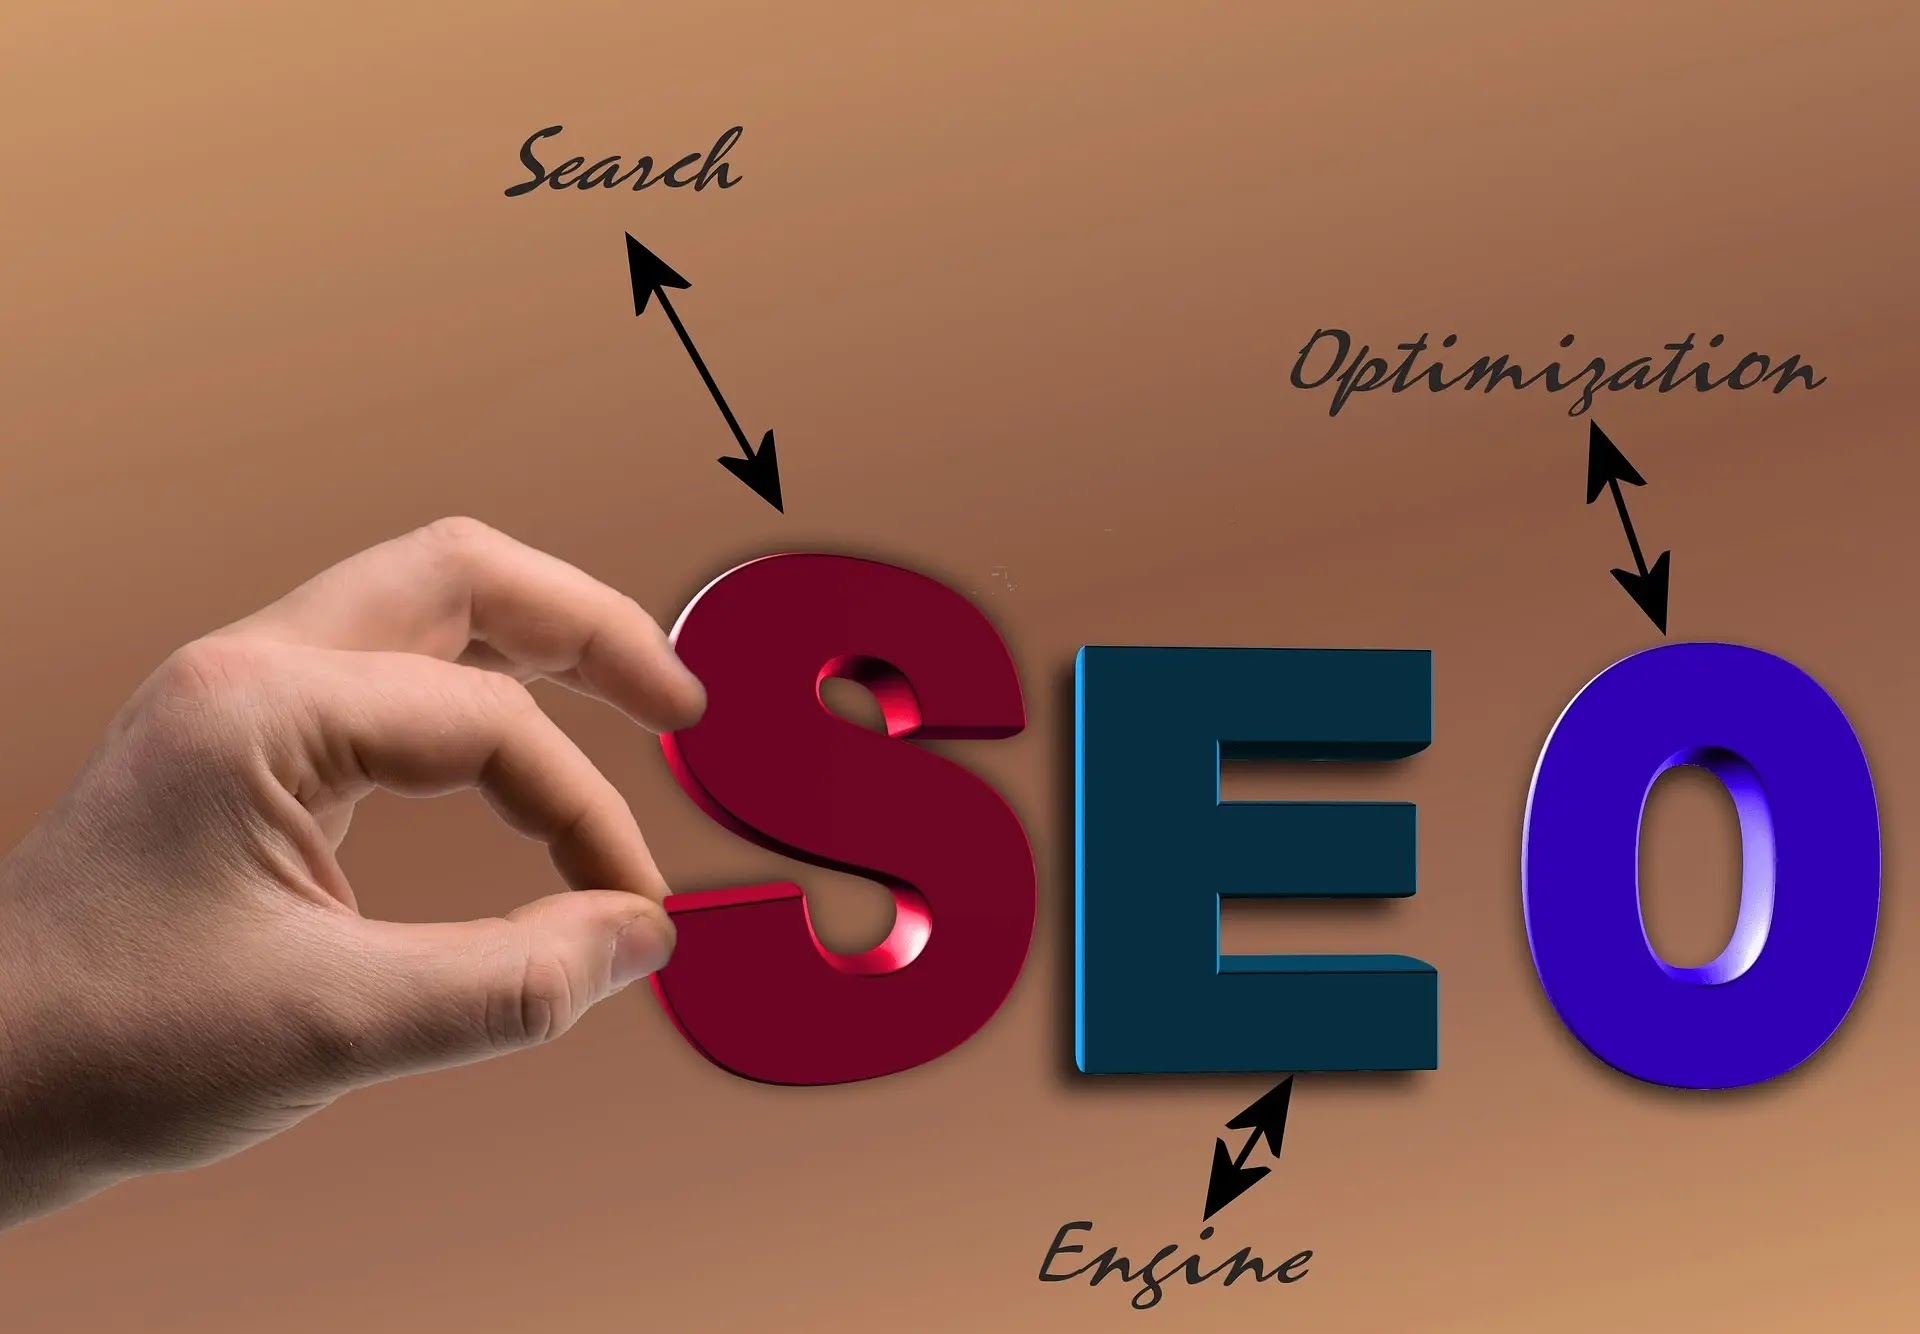 خطوات تحسين محركات البحث السيو